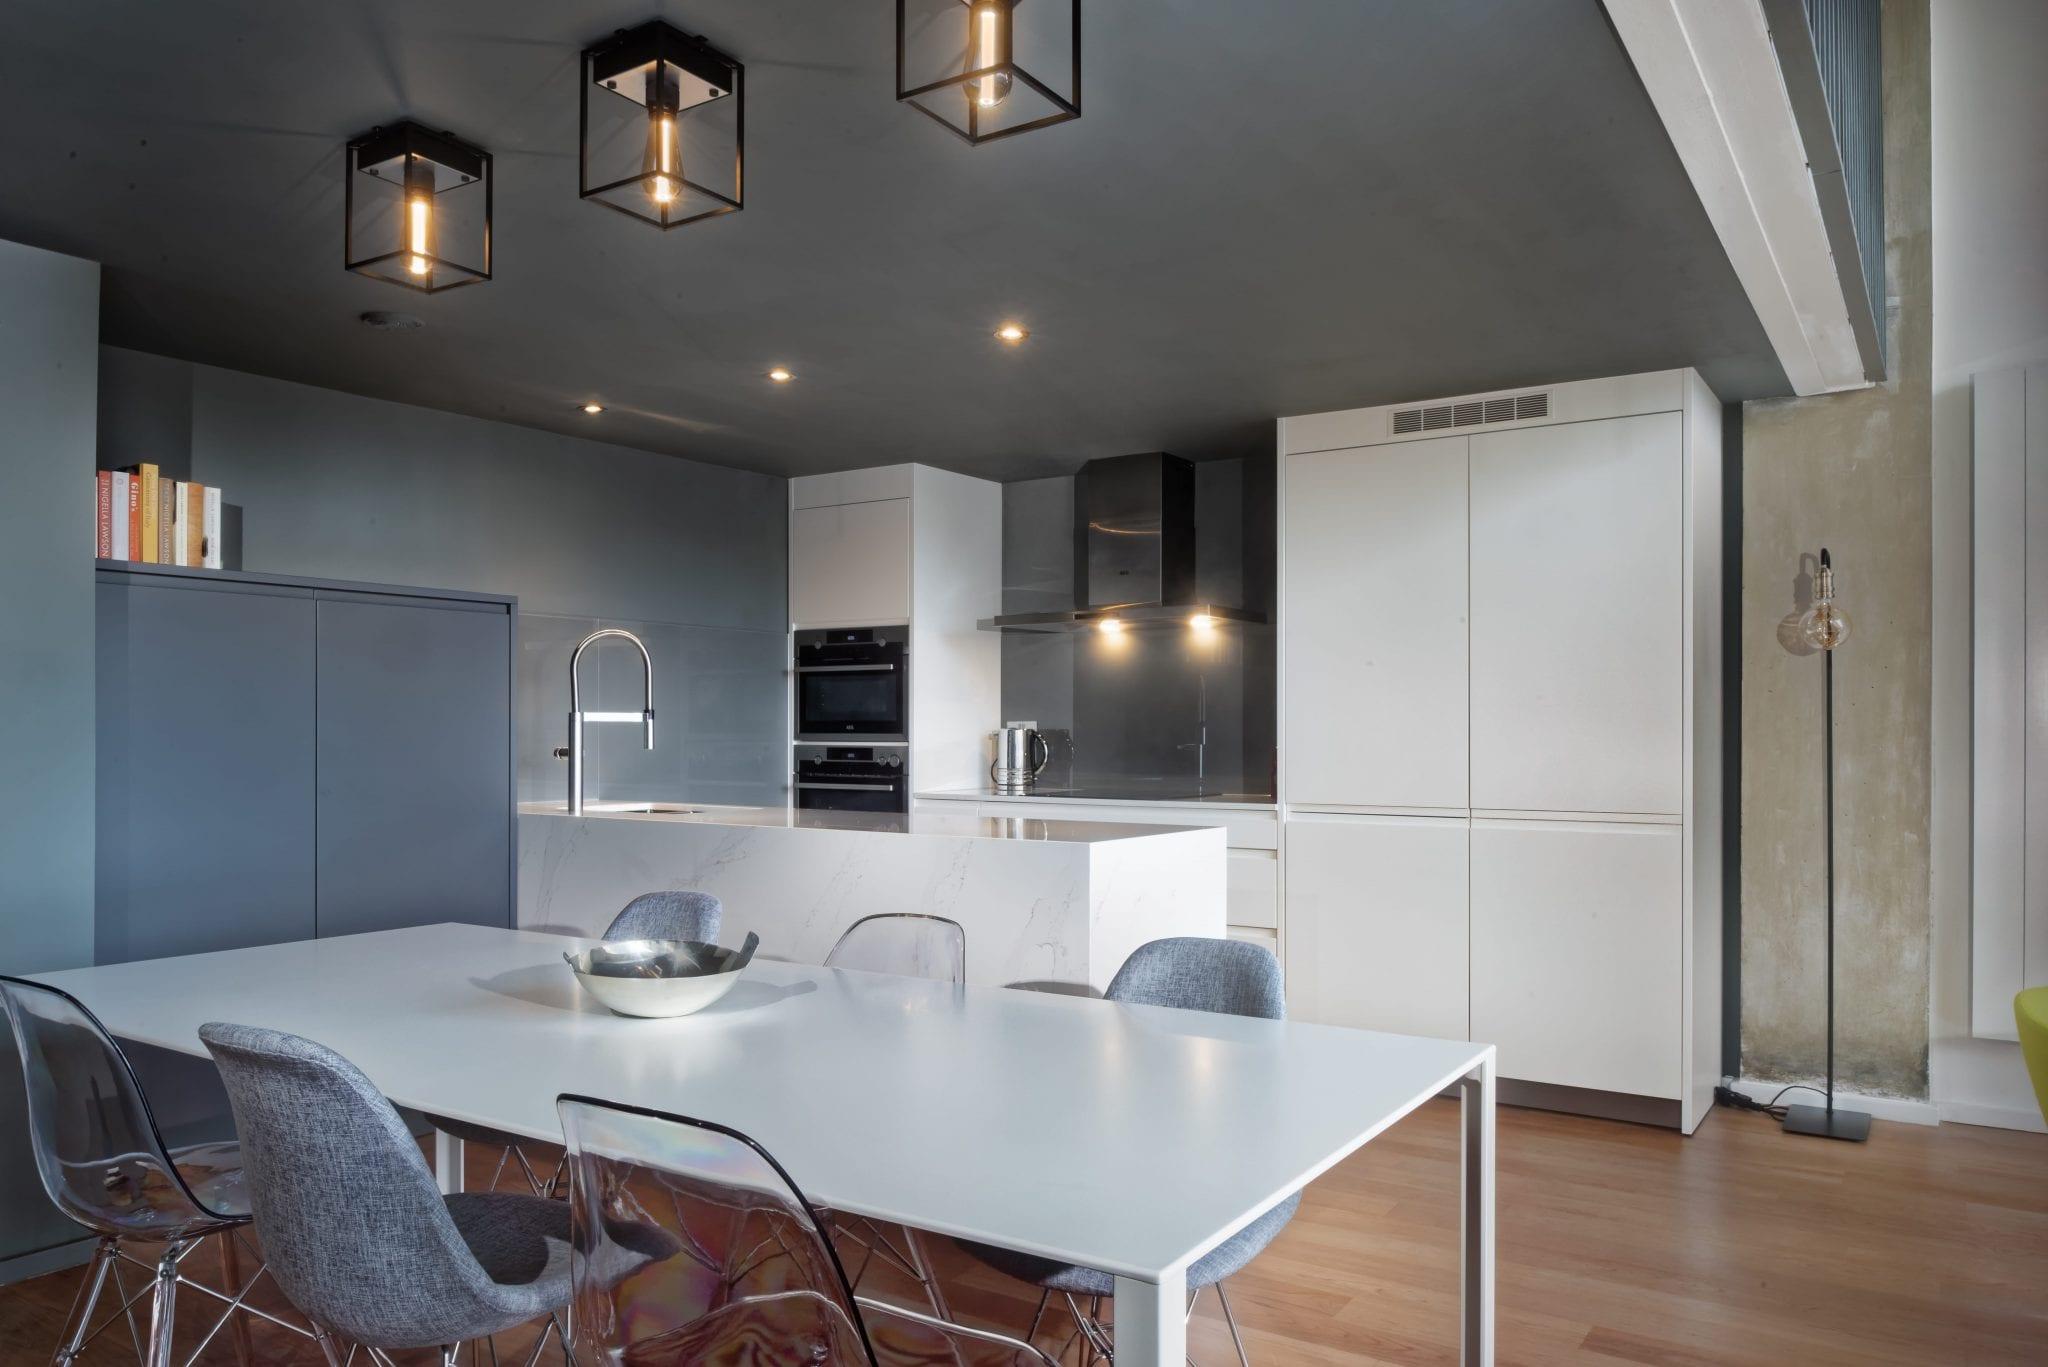 Modern North London loft gets new kitchen